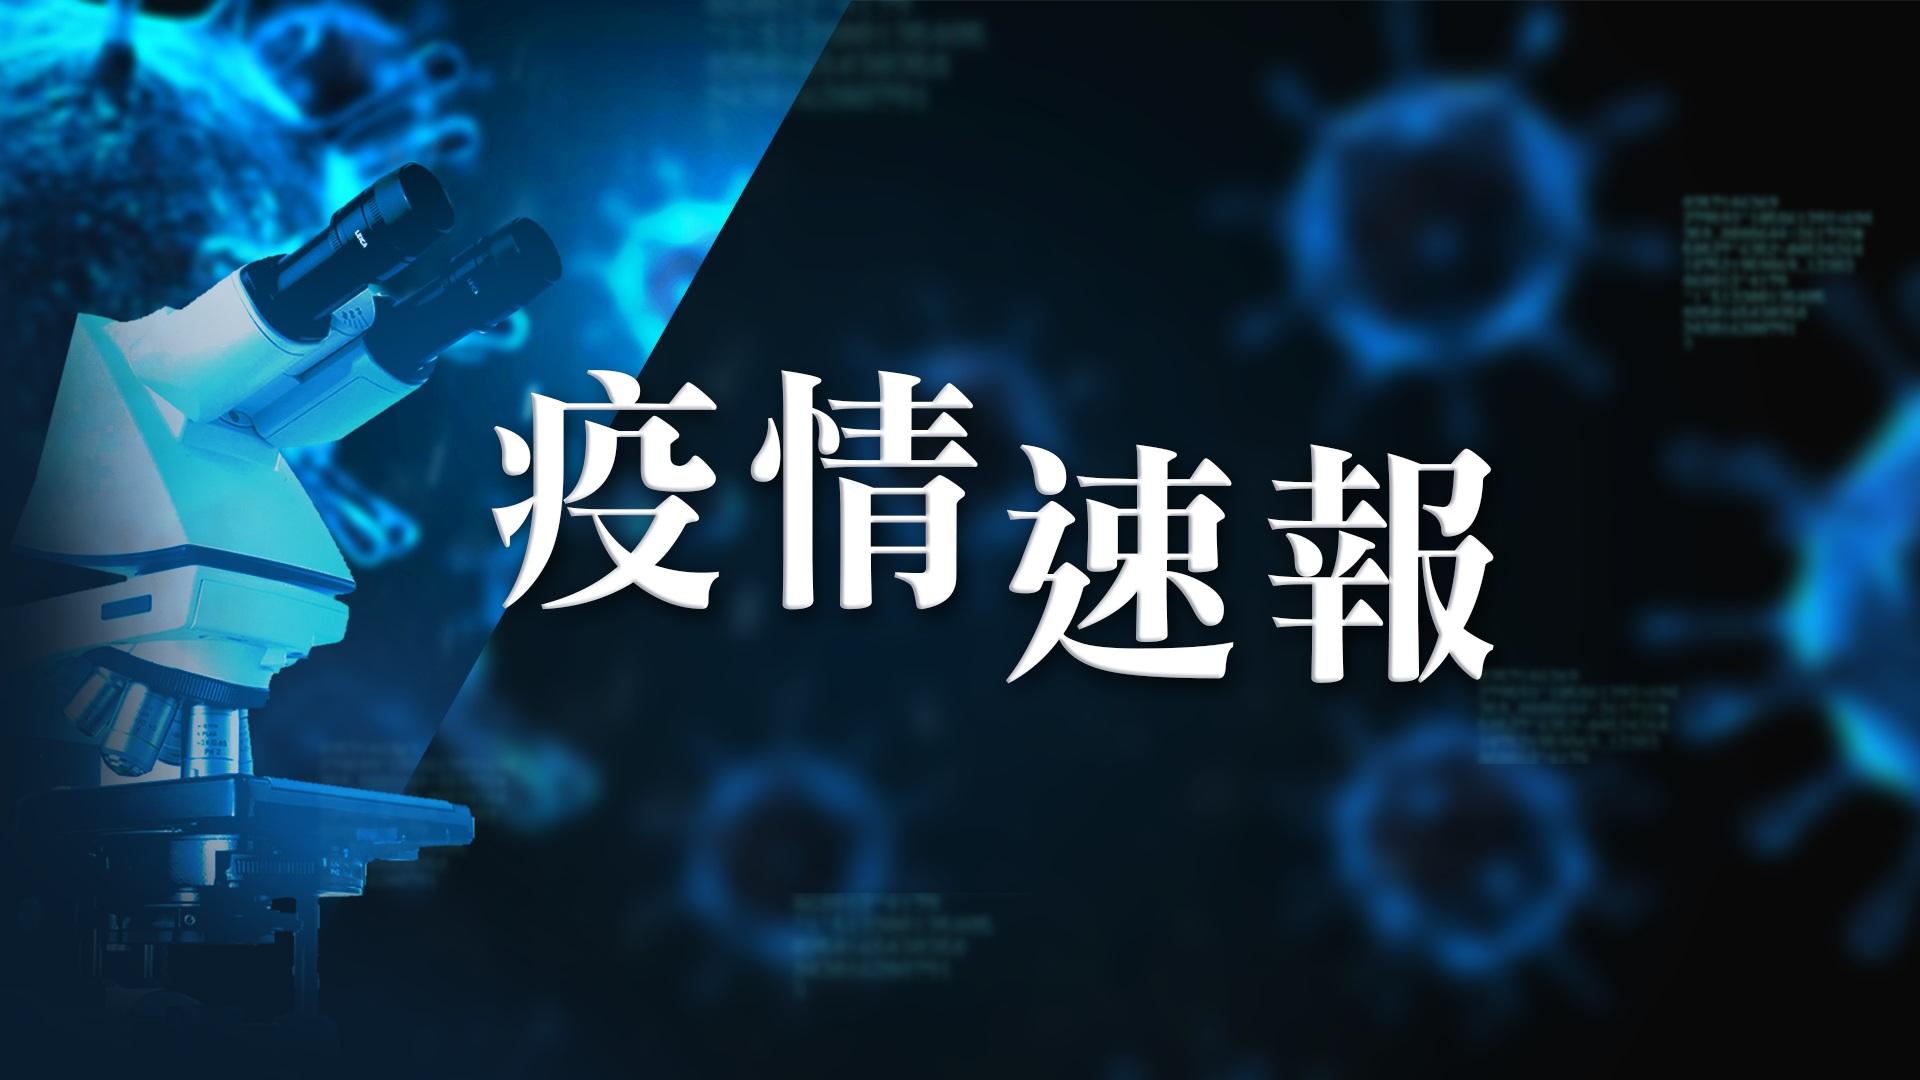 【1月9日疫情速報】(23:00)